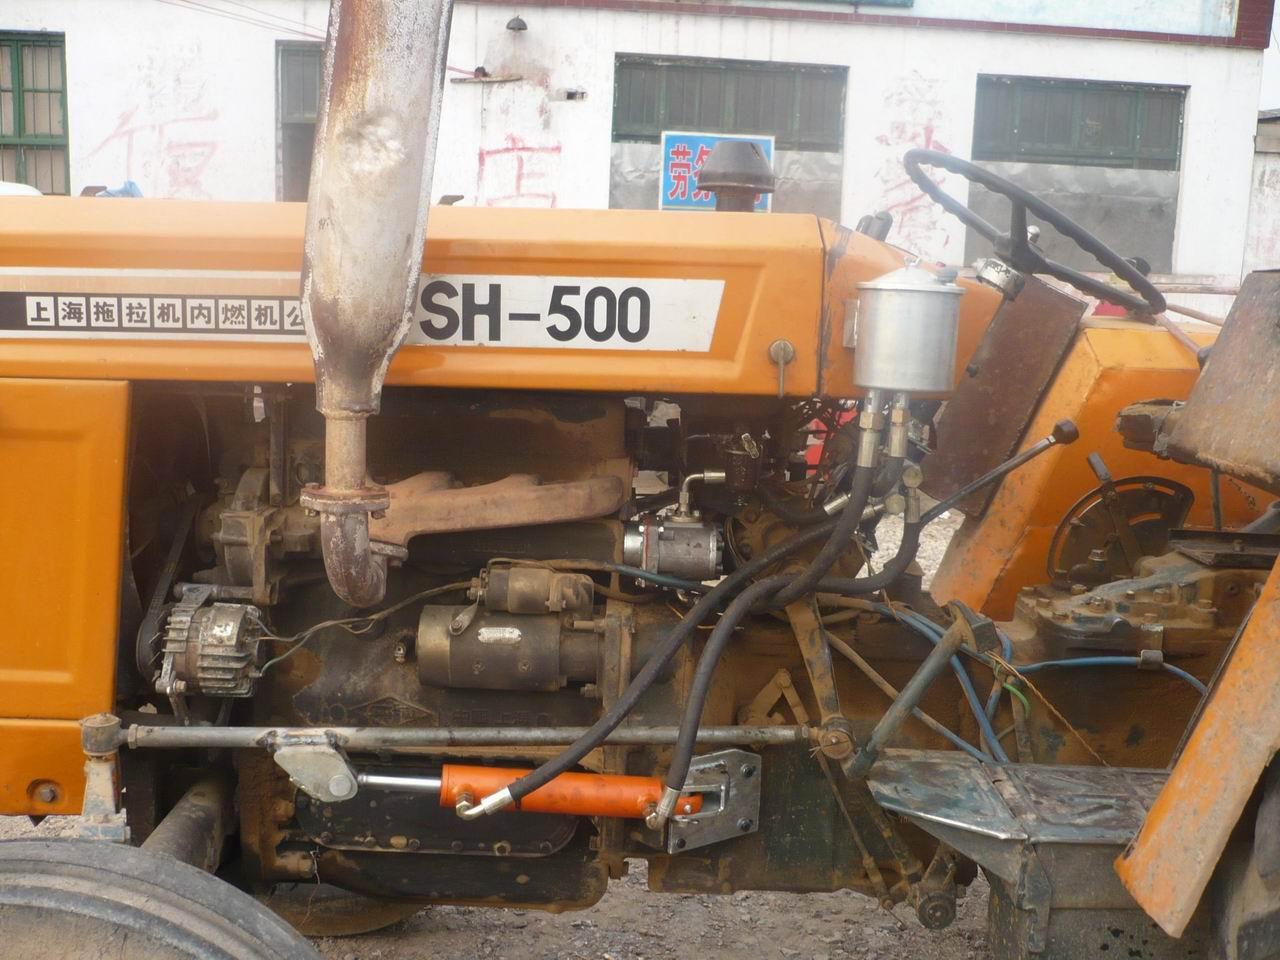 找上海50拖拉机改成液压(助力)方向的图片图片